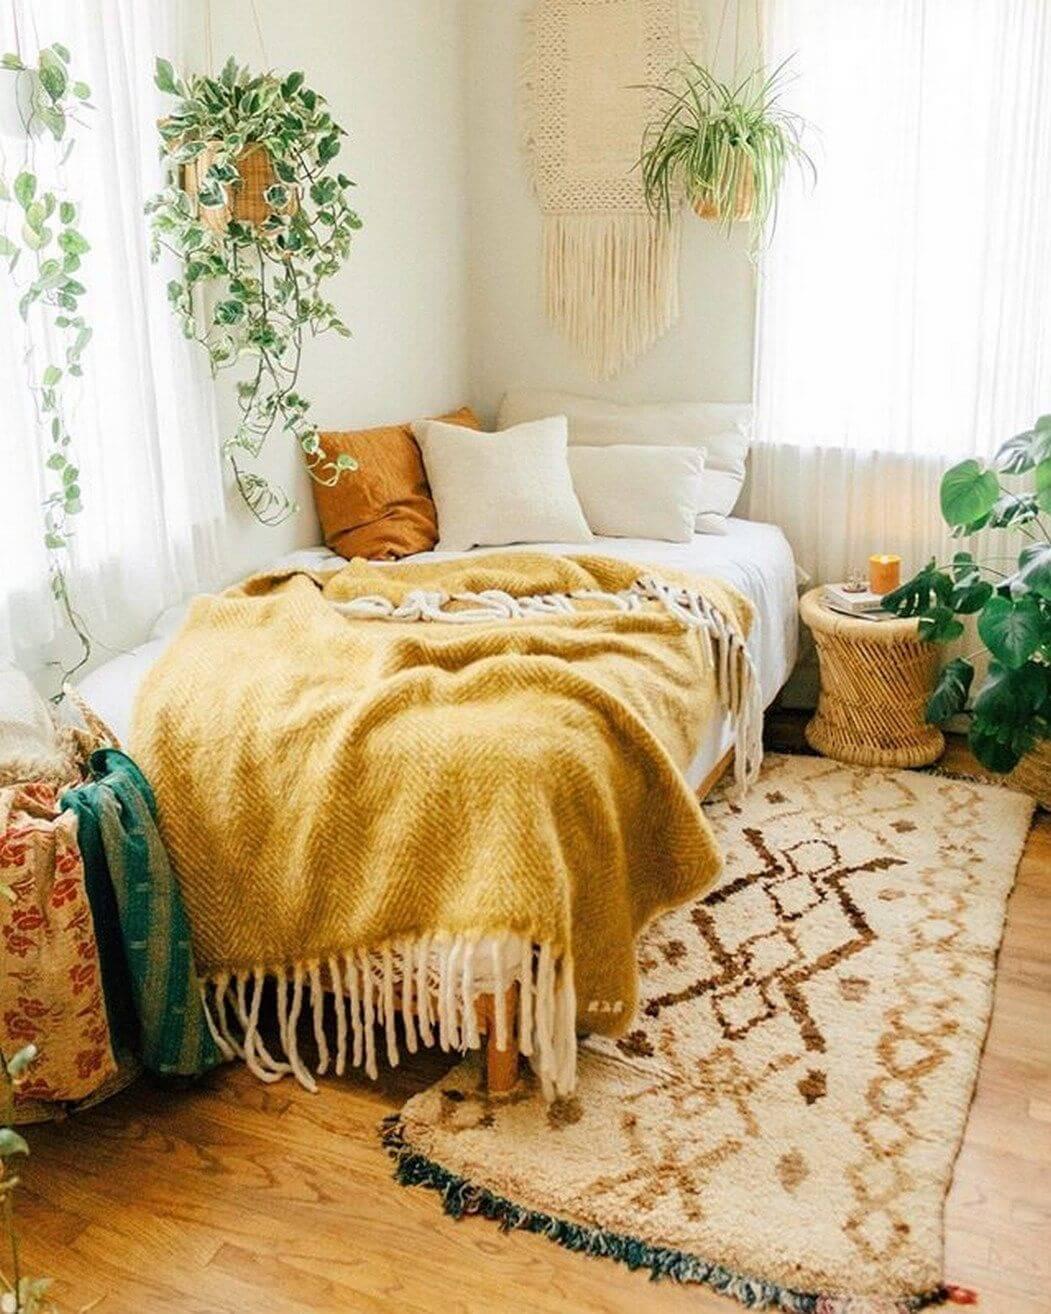 Quarto boho chic com tapete e plantas na decoração